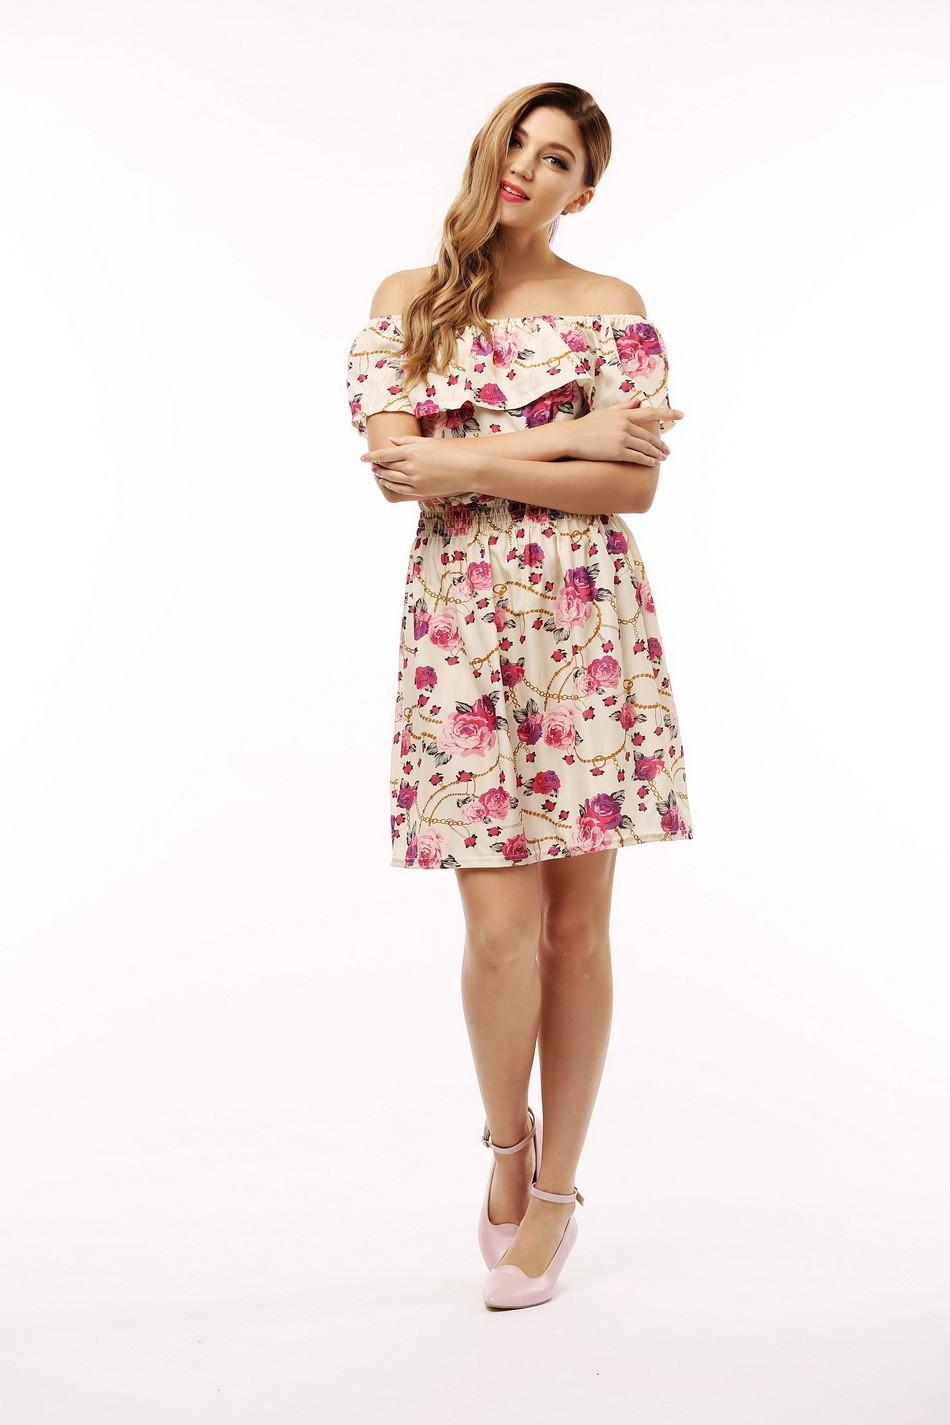 2017 fashion nowa wiosna lato plus size odzież kobiet floral print wzór sukienki na co dzień vestidos wc0472 13